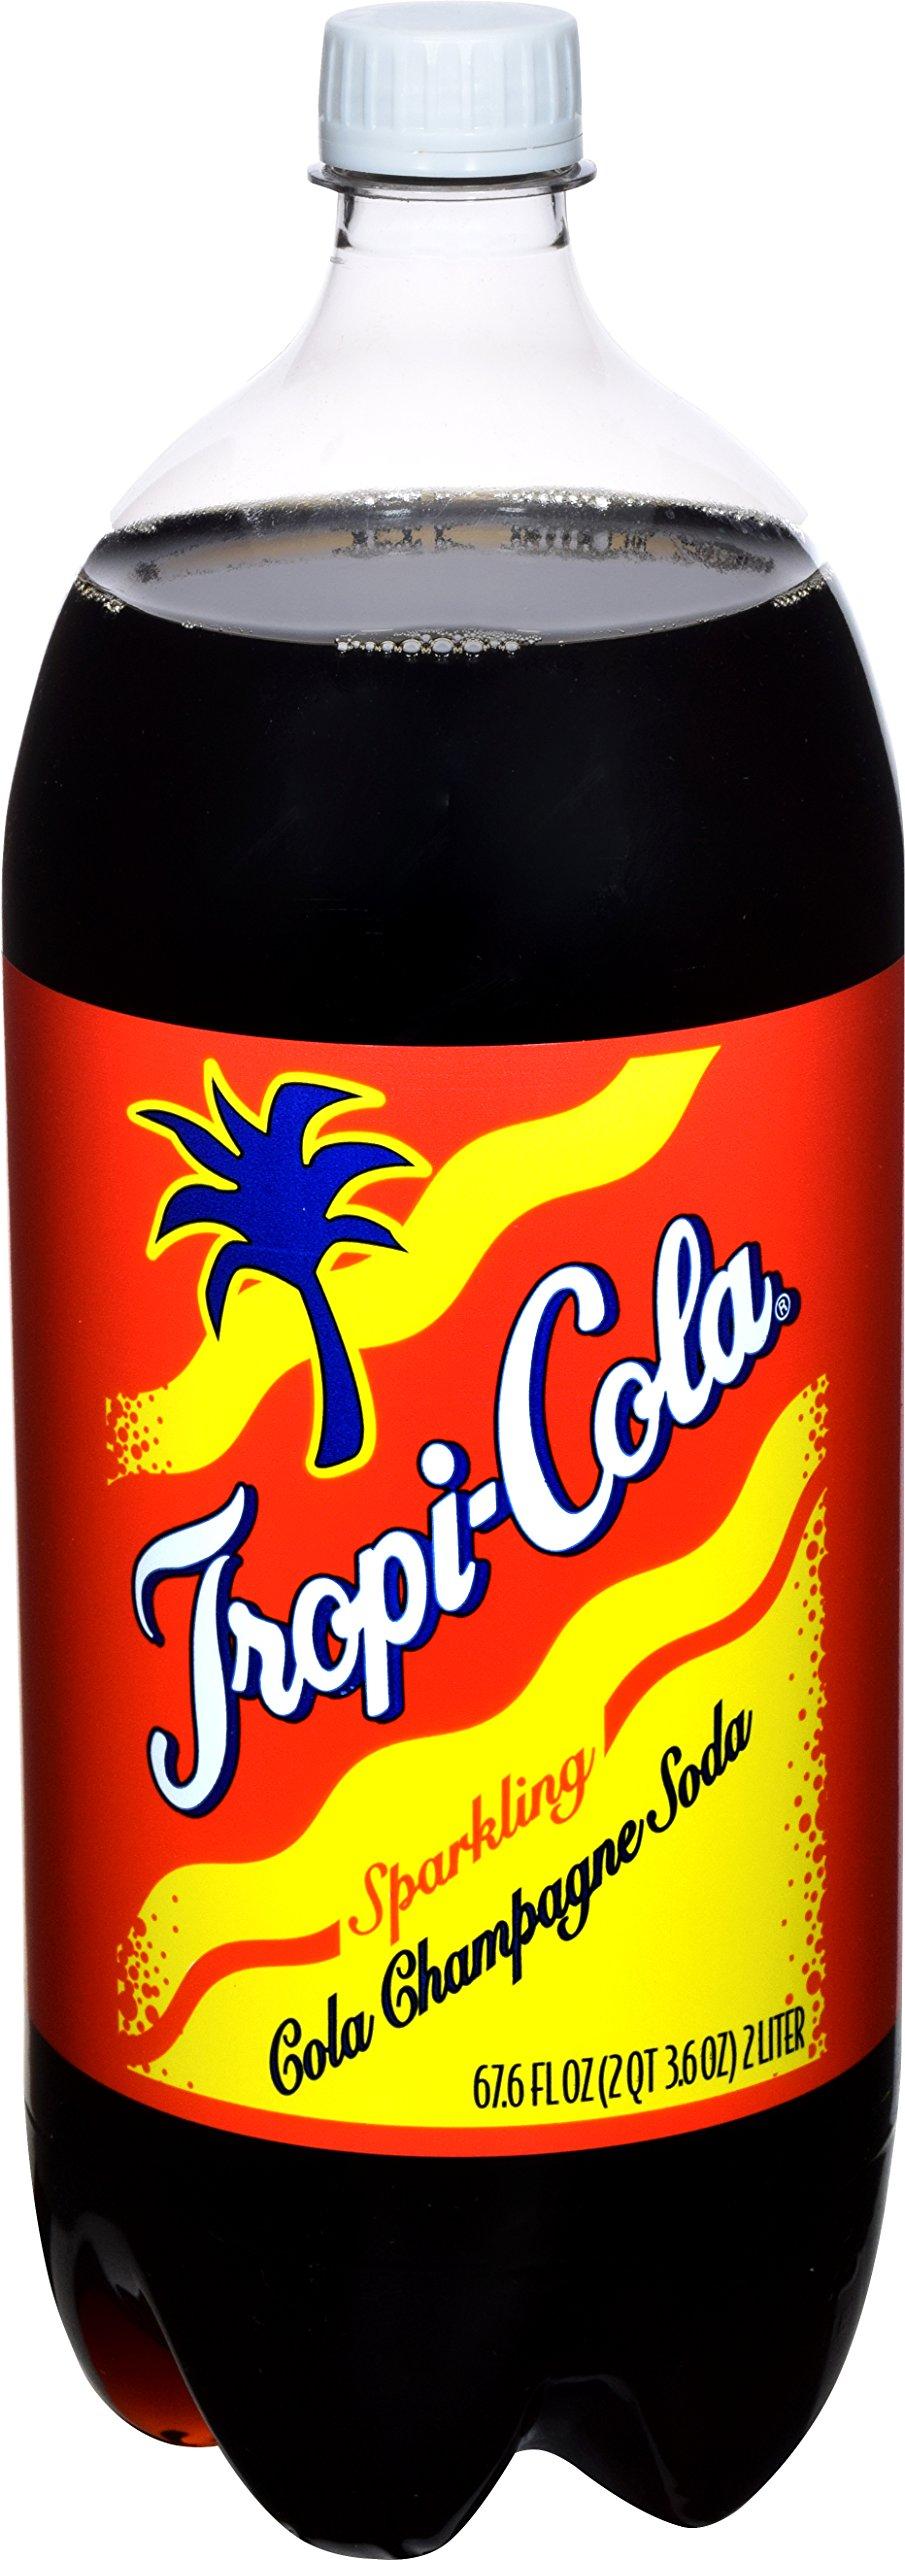 Goya Foods Tropi-Cola Sparkling Cola Champagne Soda, 2 Liter (Pack of 8) by Goya